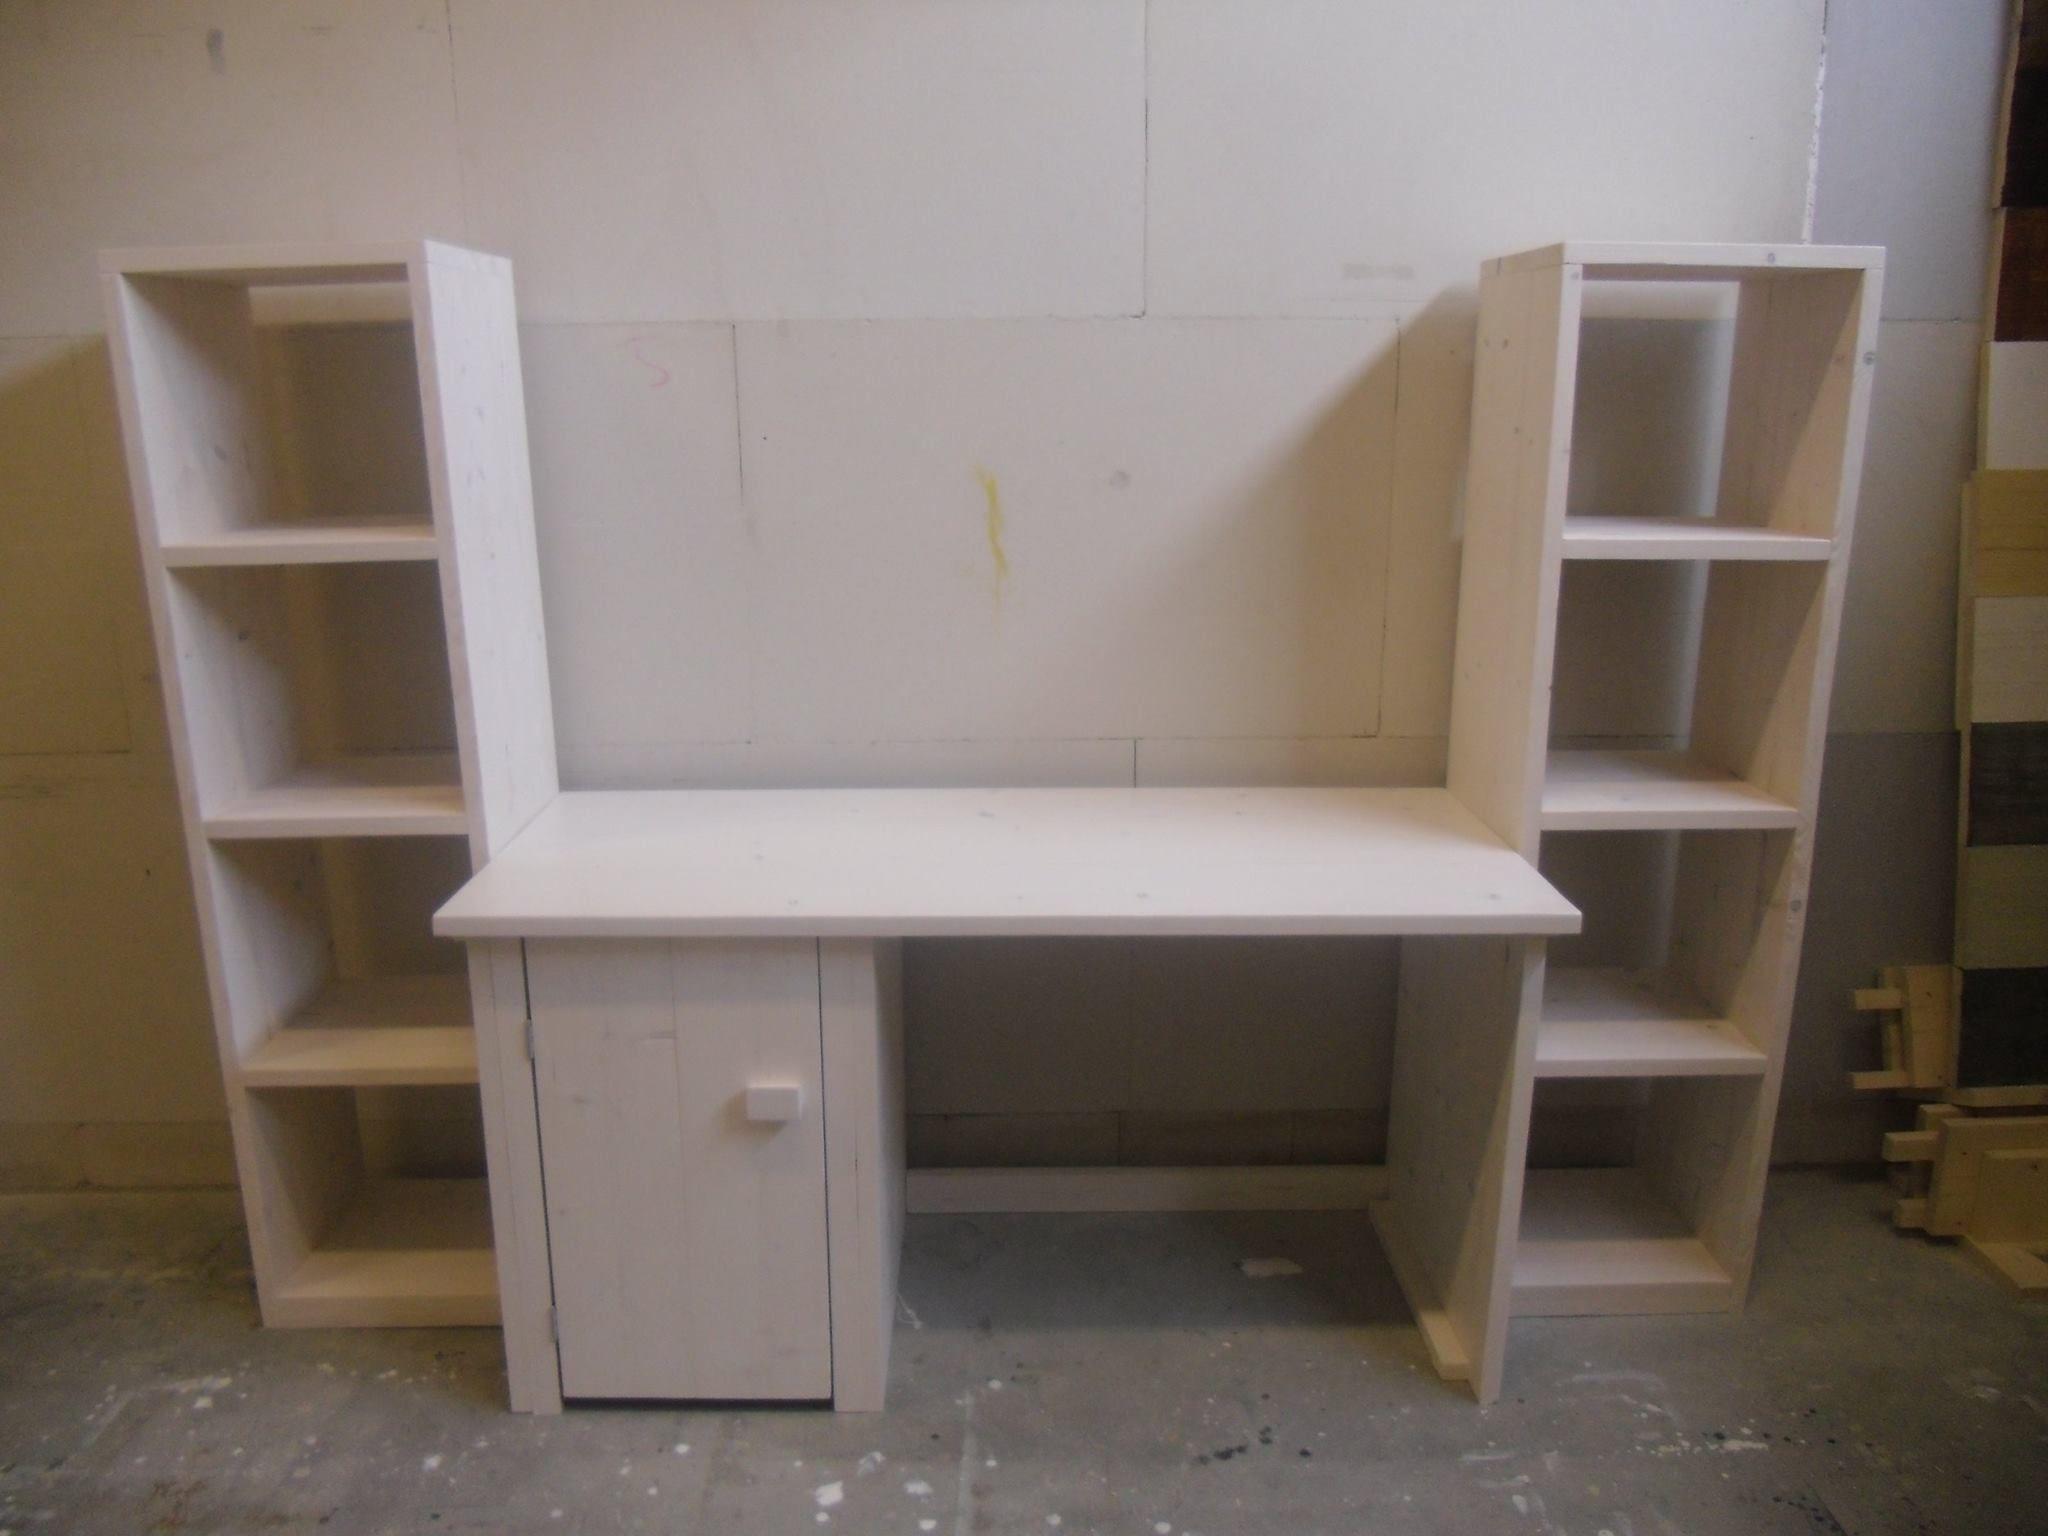 Zon6 steigerhout bureau met kast en boekenplank 6 kast met